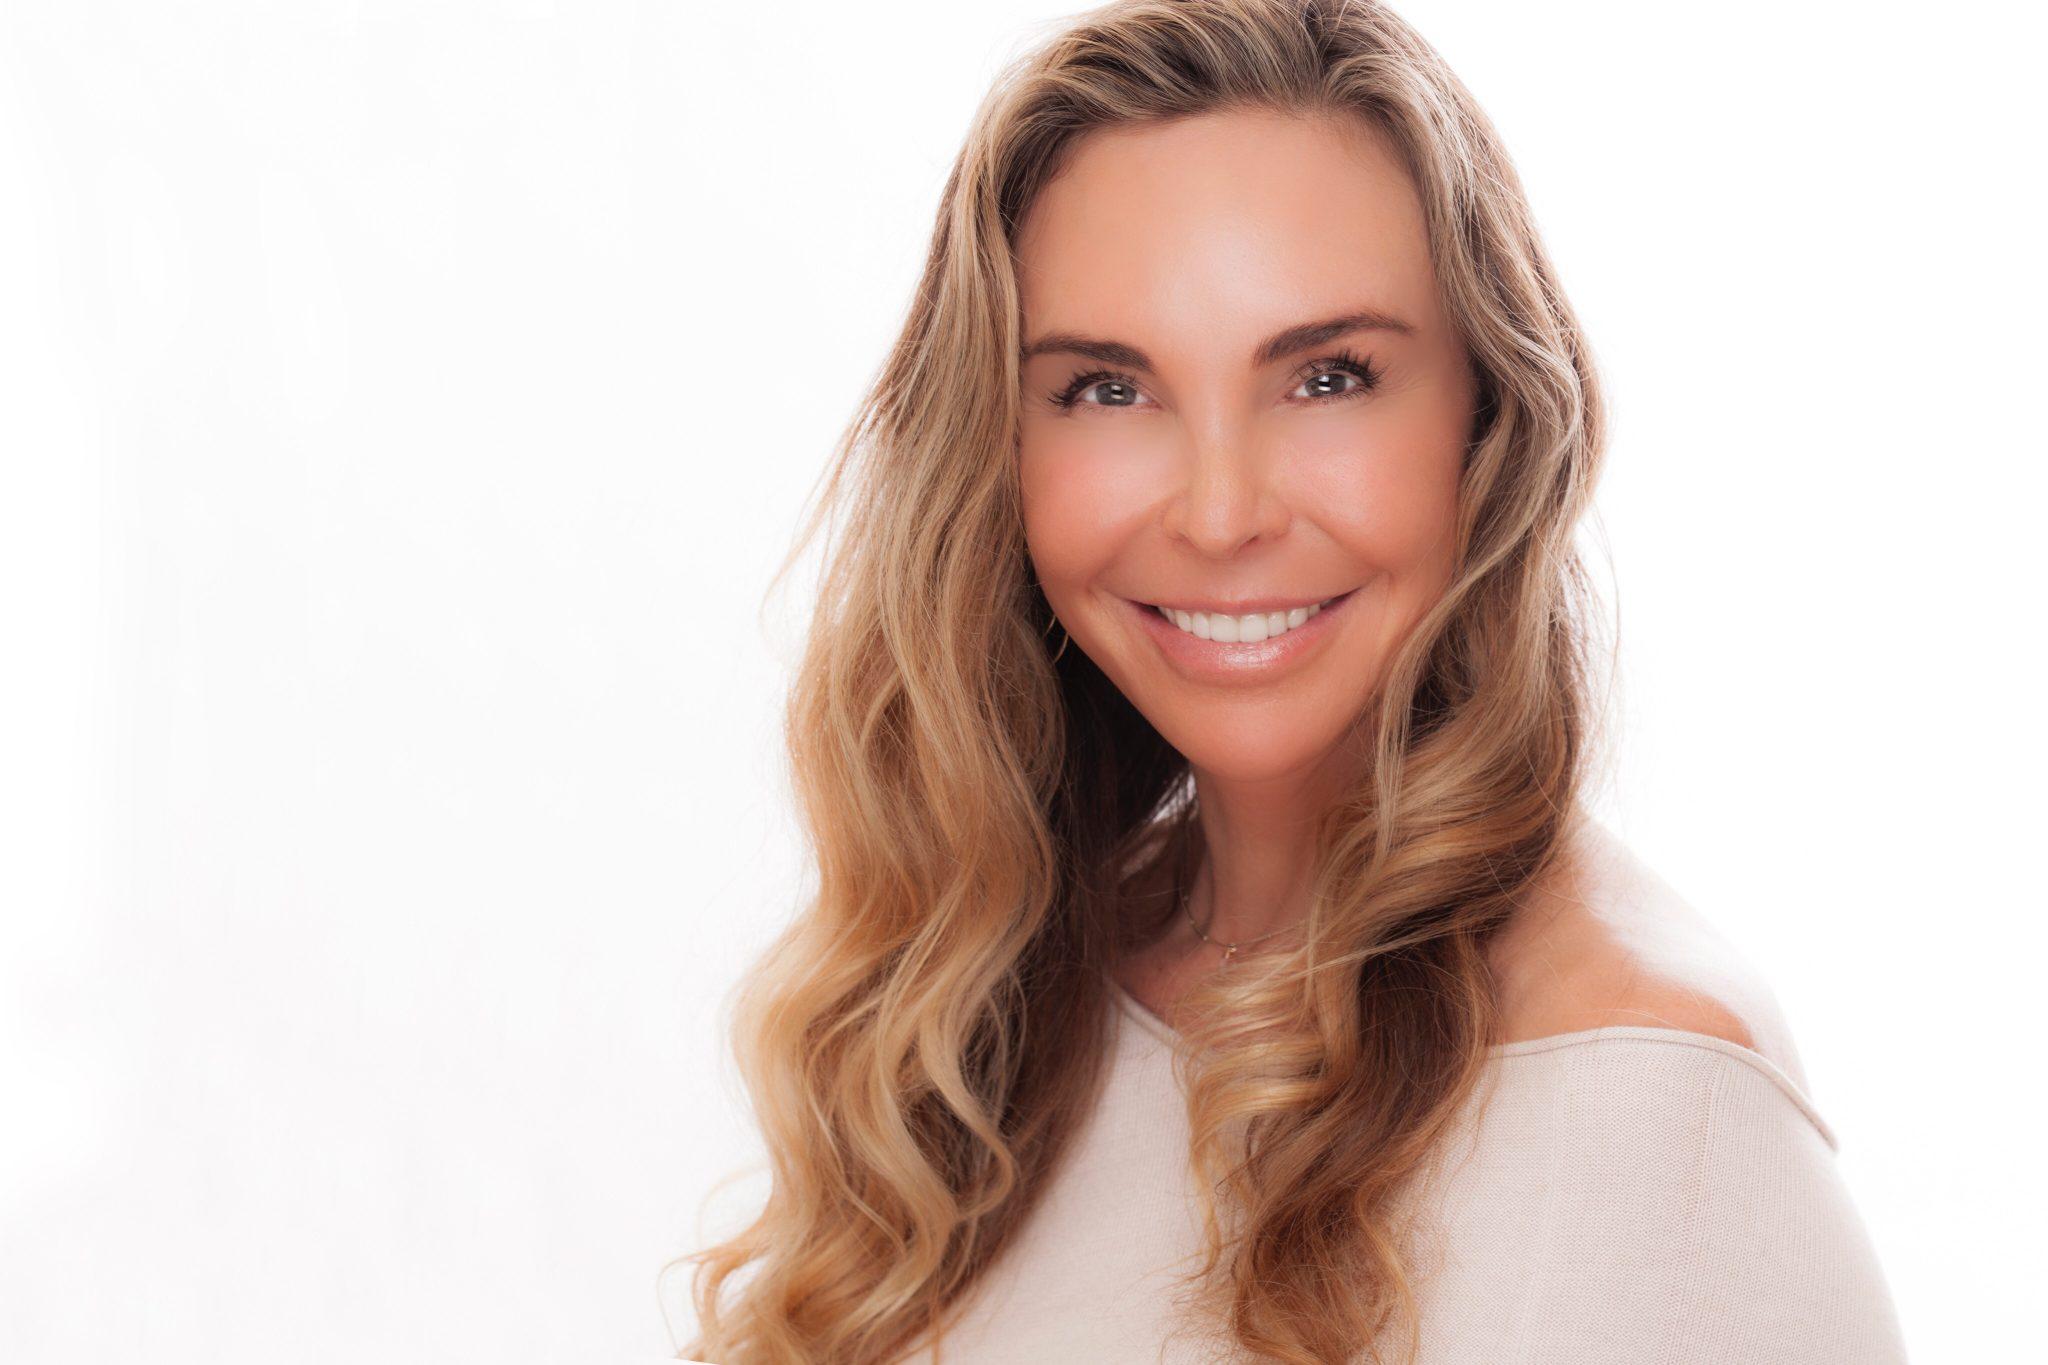 ayahuasca retreat - Rythmia - speaker Shauna Shapiro